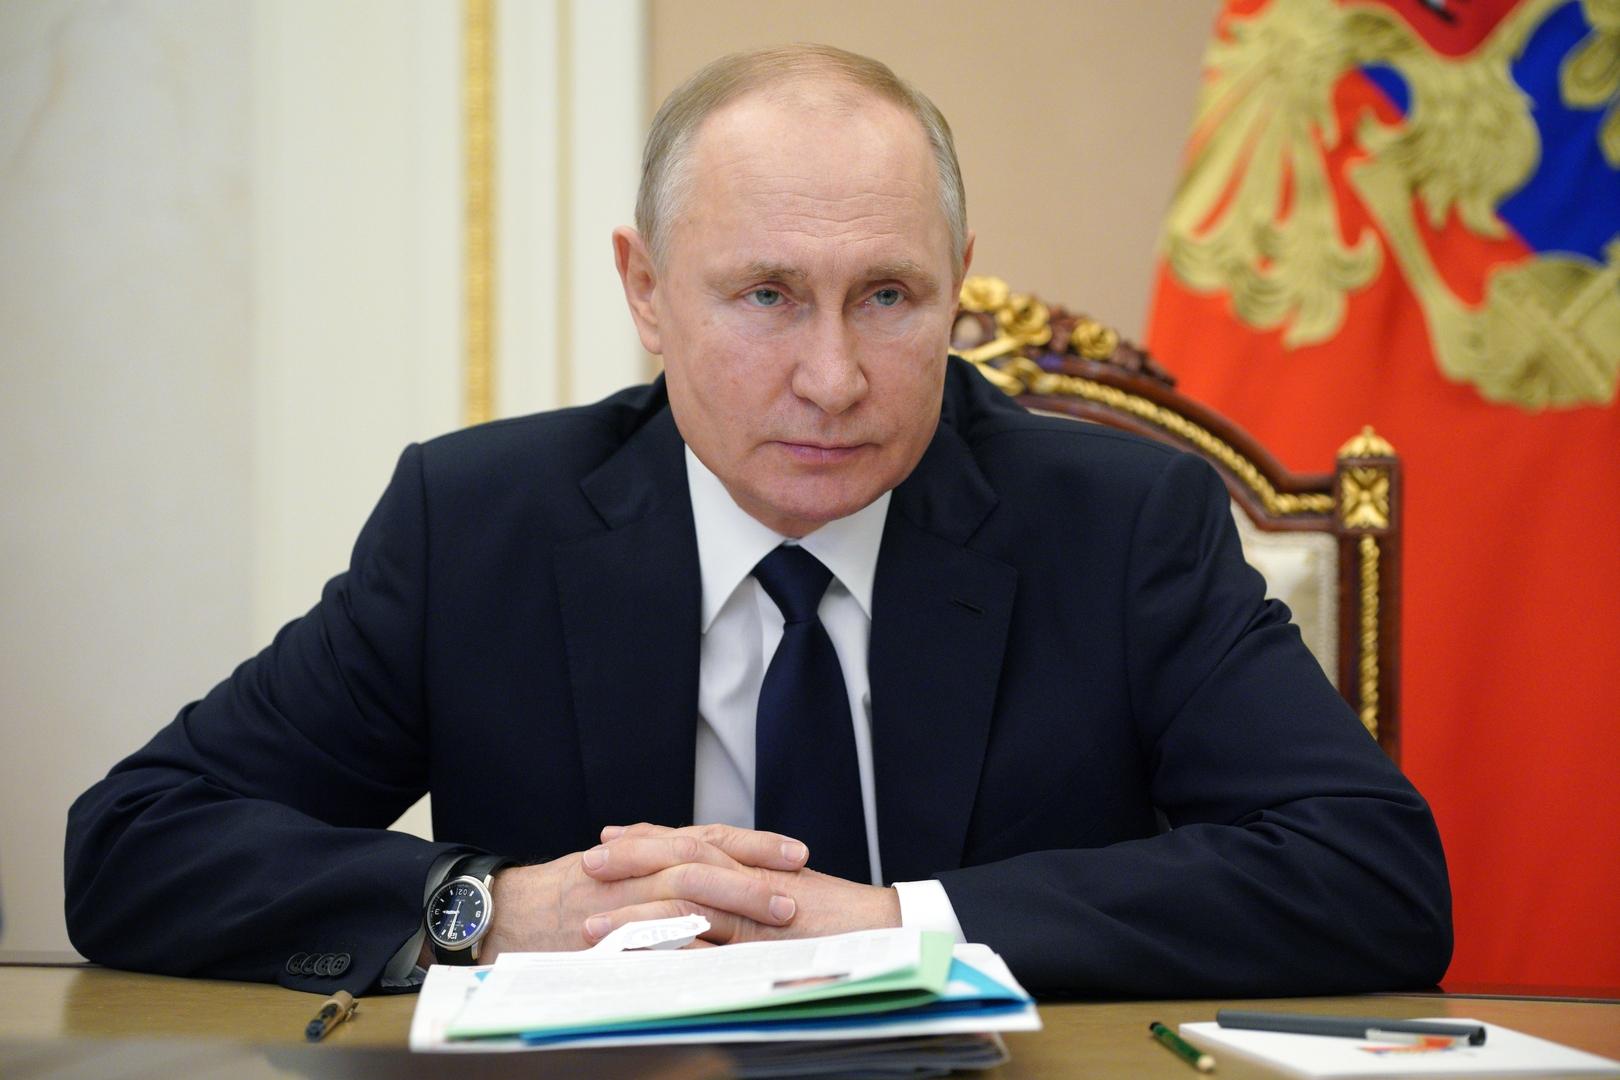 الكرملين: صحة بوتين على خير ما يرام بعد تلقيه الجرعة الثانية من اللقاح المضاد لكورونا